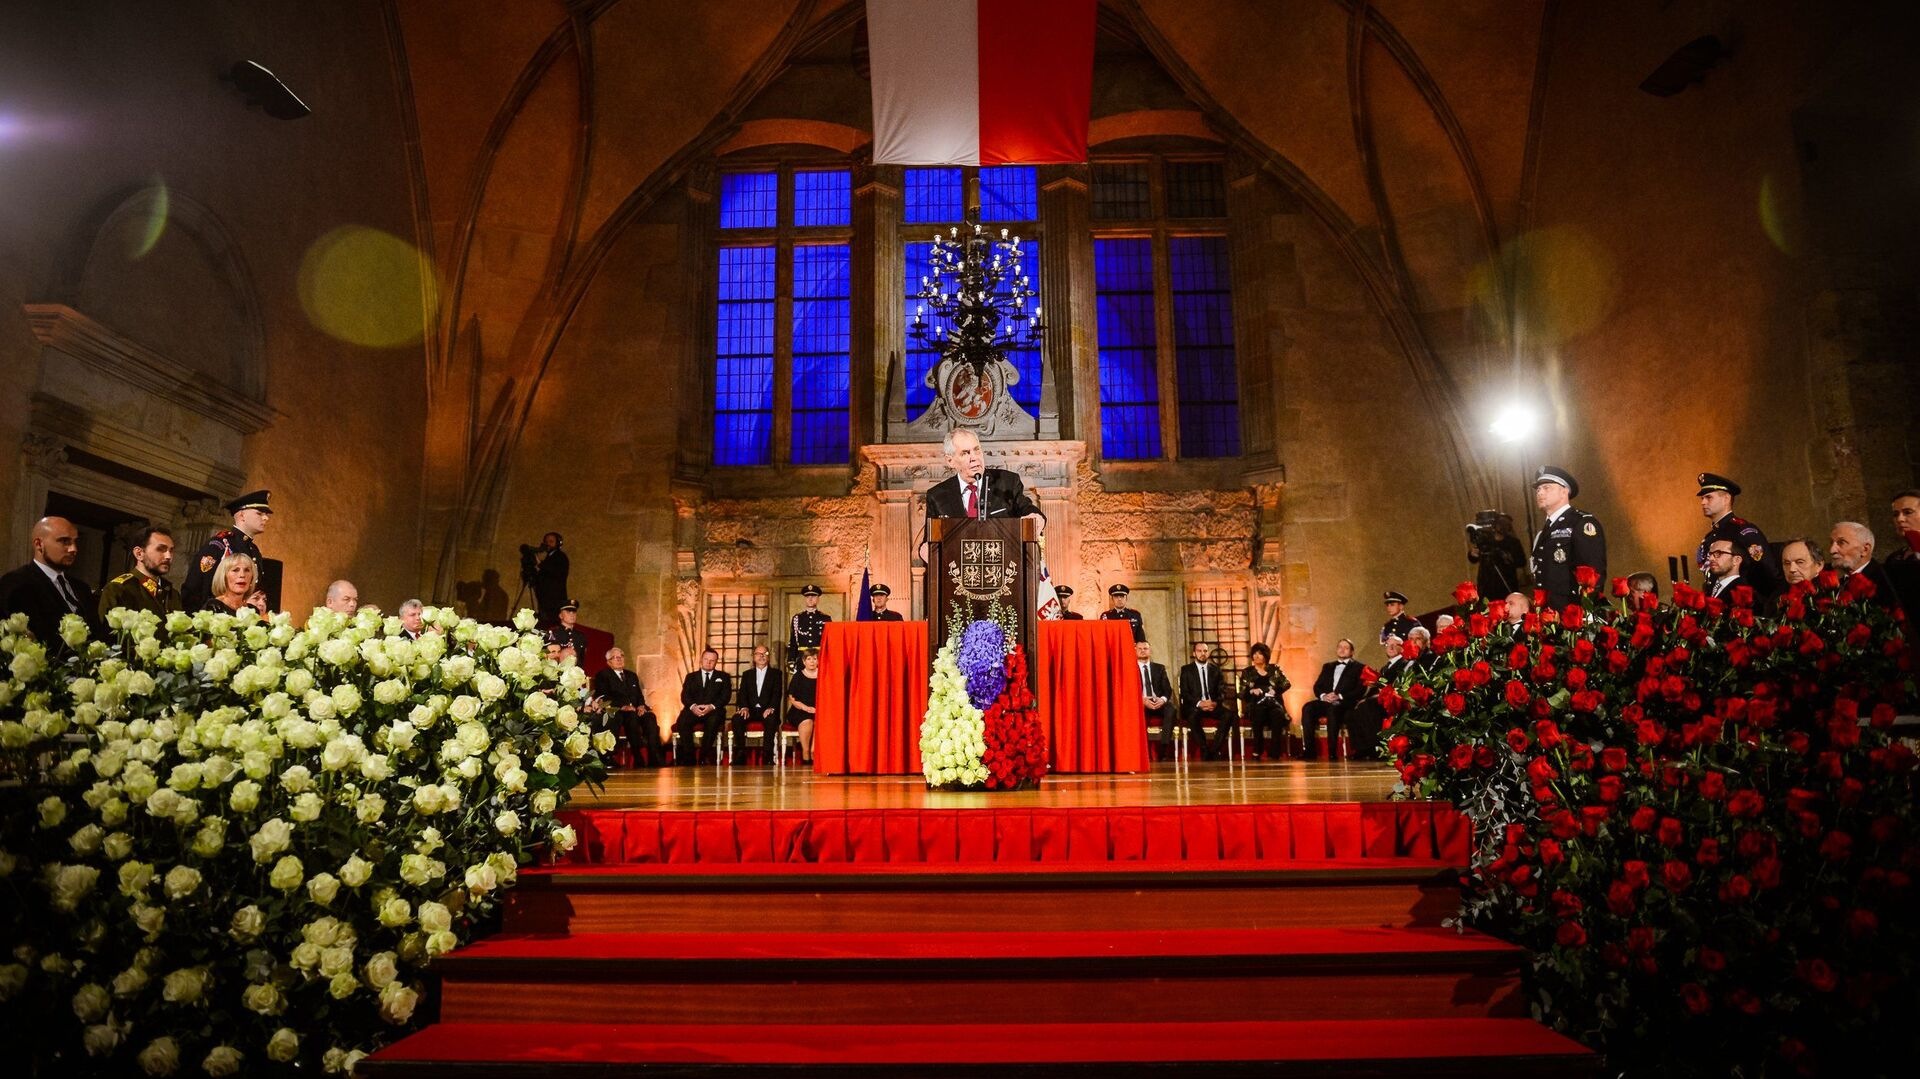 Slavnostní ceremoniál udílení státních vyznamenání ve Vladislavském sále Pražského hradu  - Sputnik Česká republika, 1920, 03.06.2021